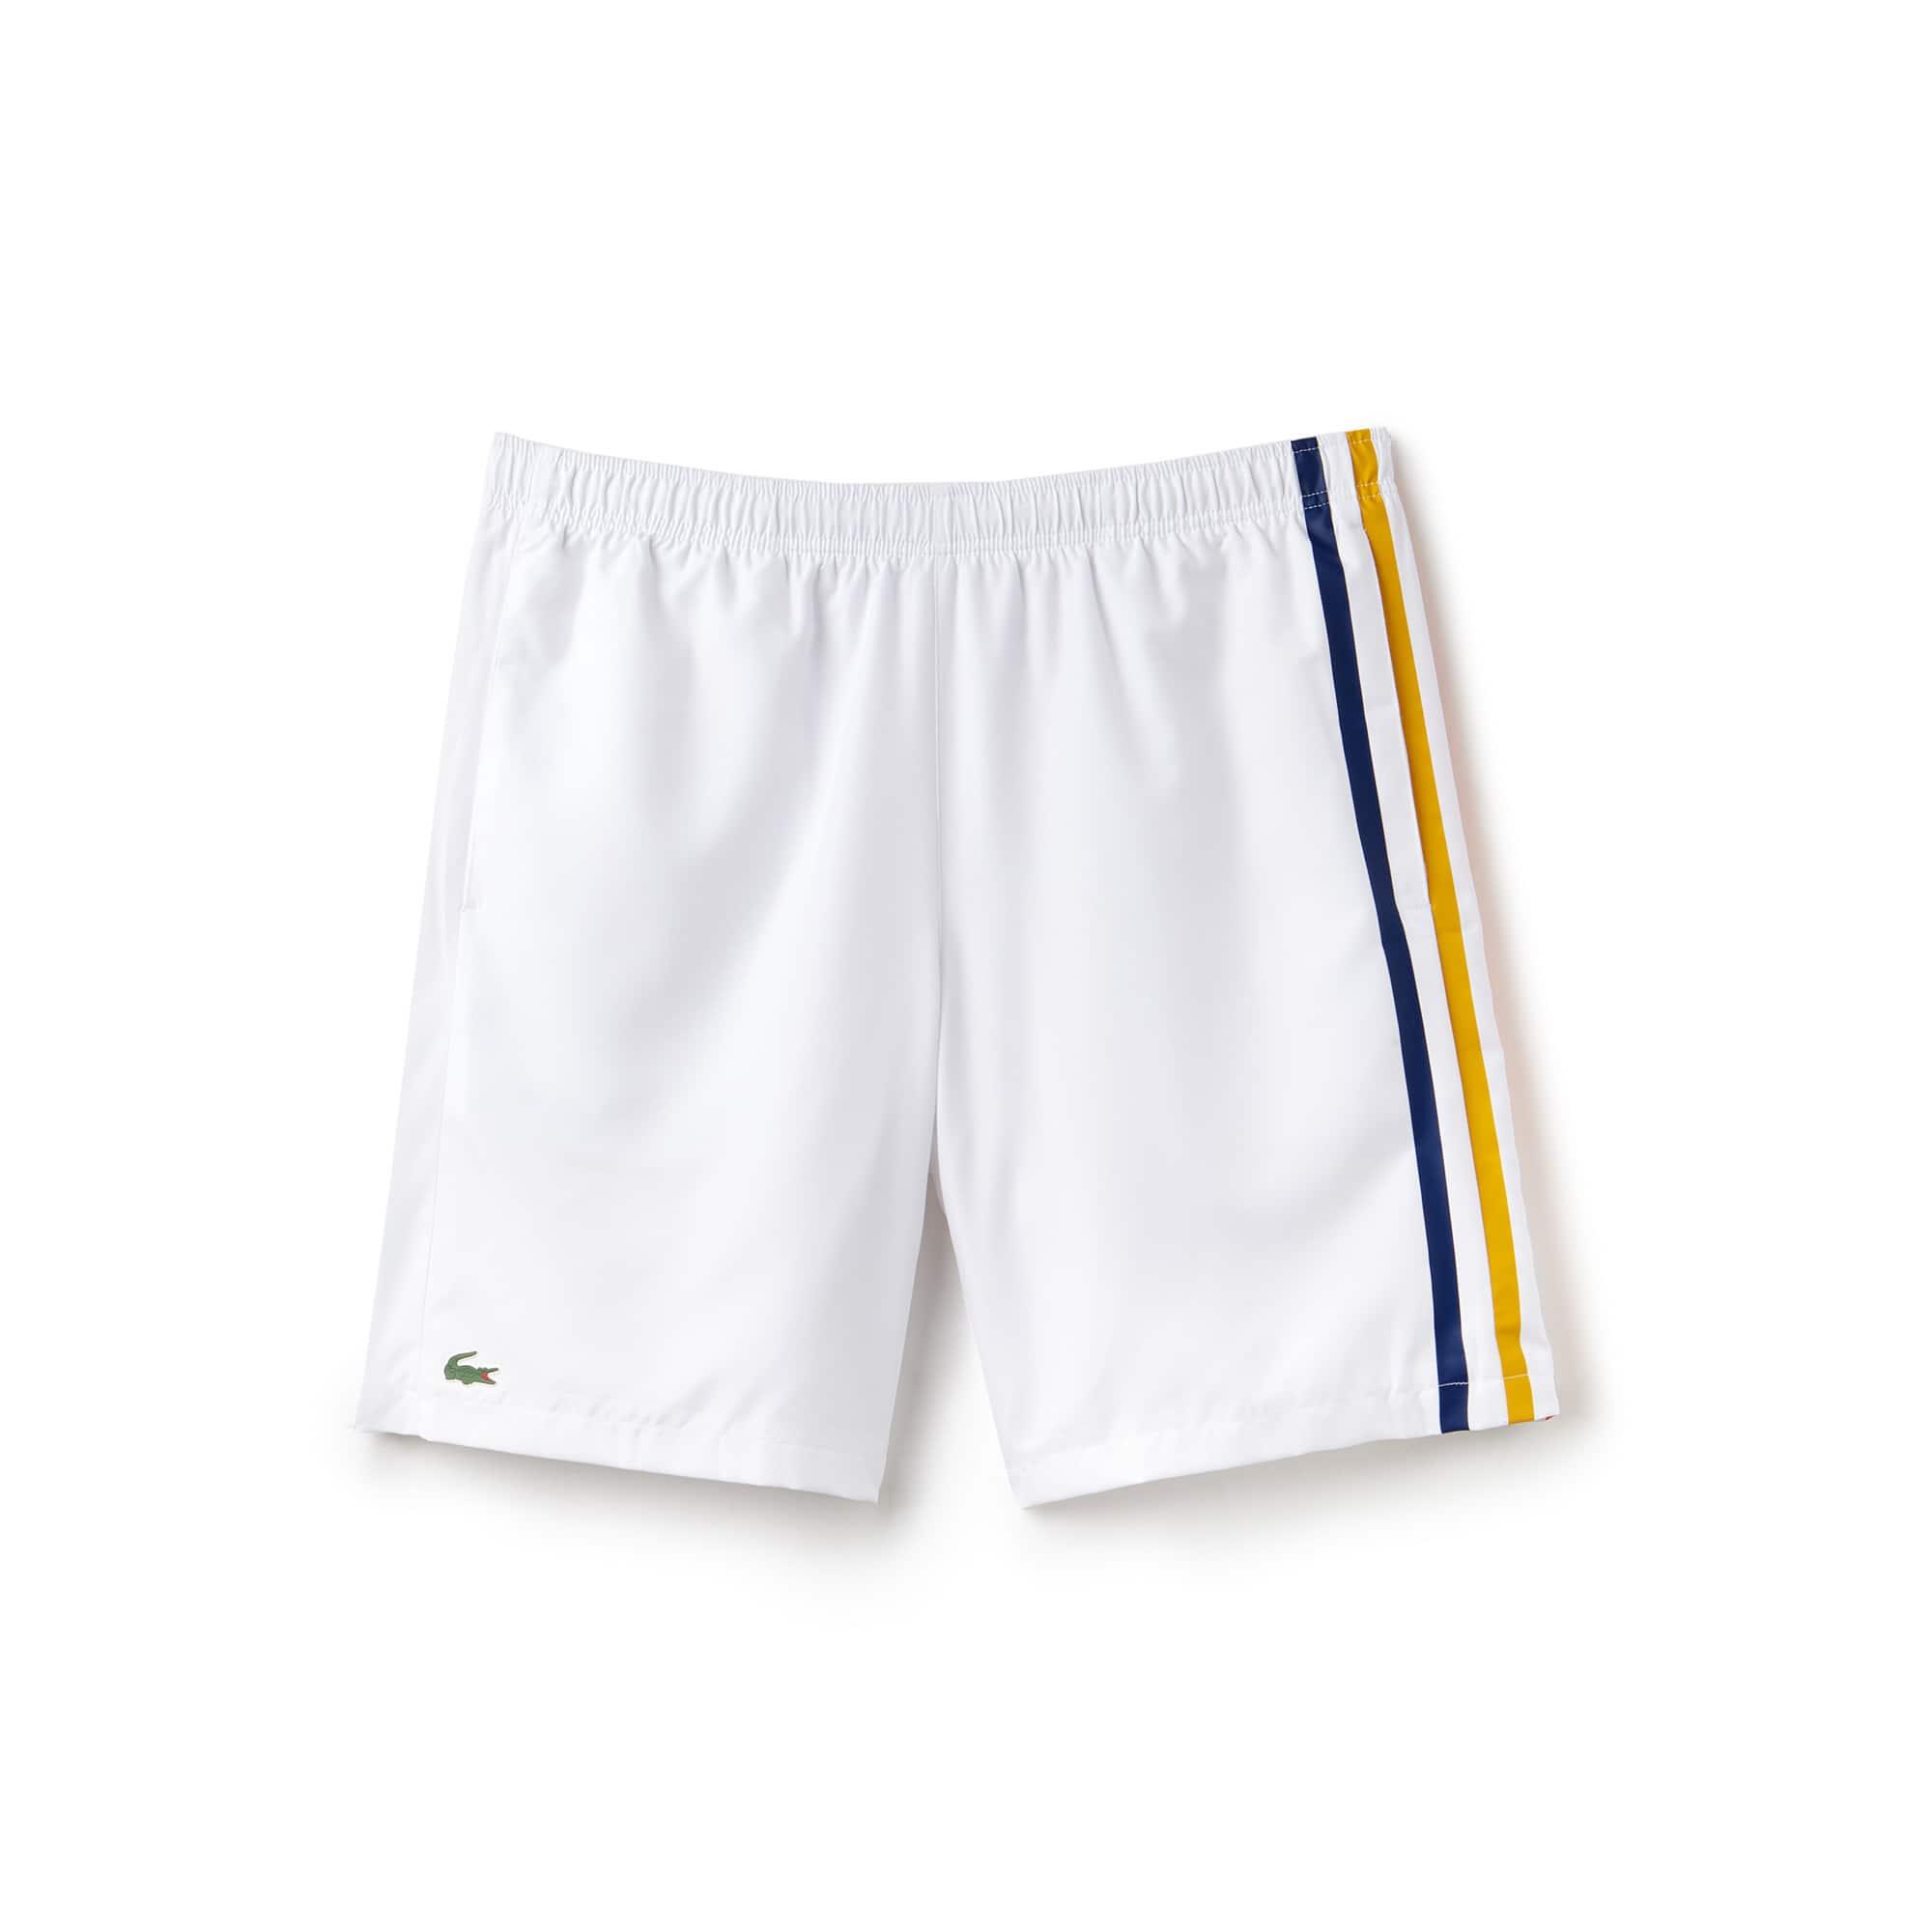 Pantalón corto de tafetán con franjas de colores Tenis Lacoste SPORT